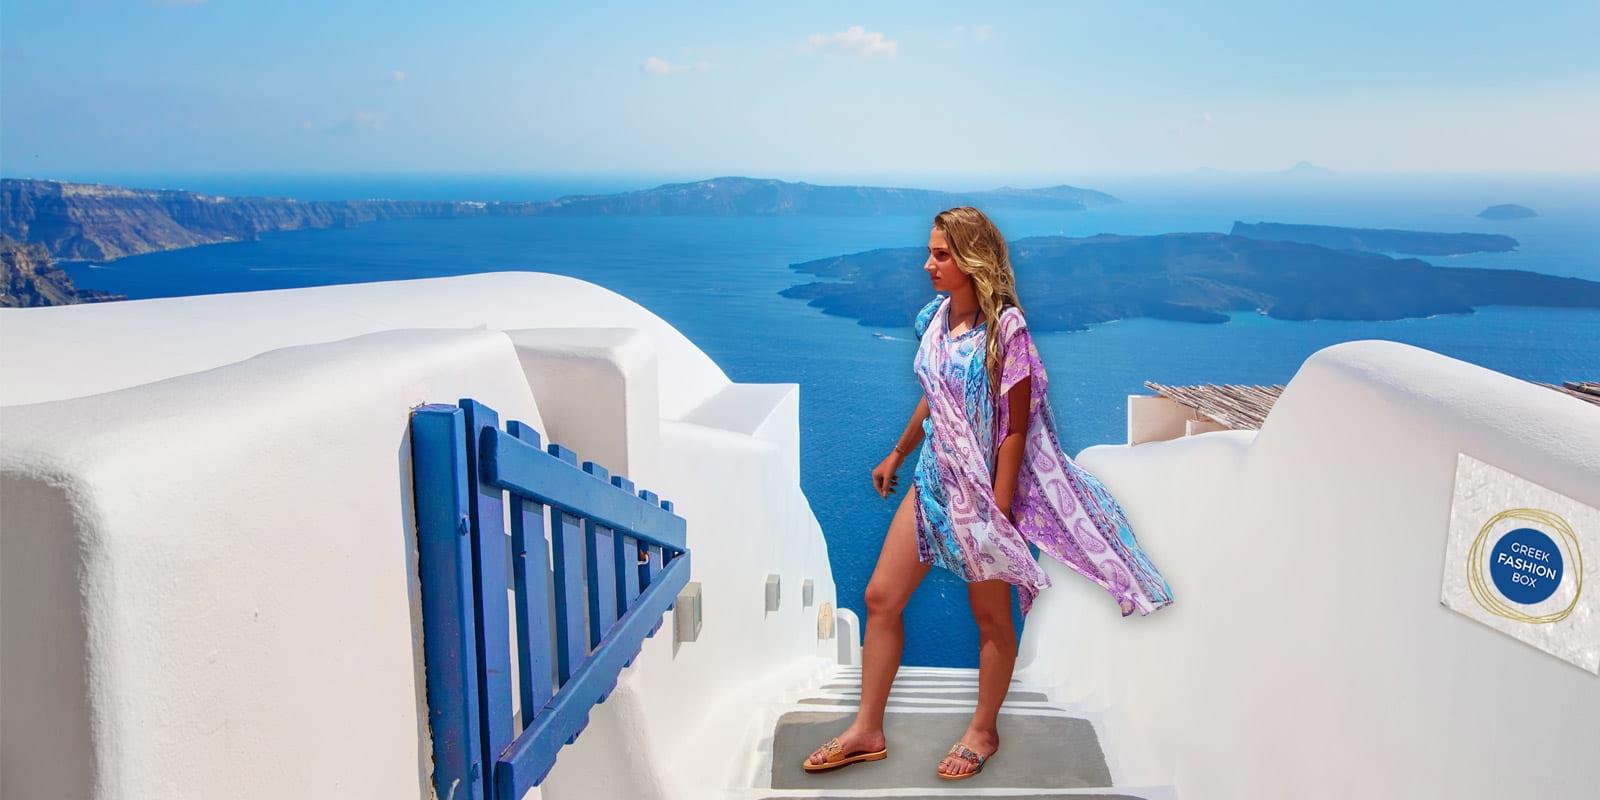 Χειροποίητα κοσμήματα, τσάντες, γυαλιά ηλίου, γυναικεία αξεσουάρ - δώρα φτιαγμένα χειροποίητα στην Αθήνα - Σαντορίνη, ελληνικό fashion shop online